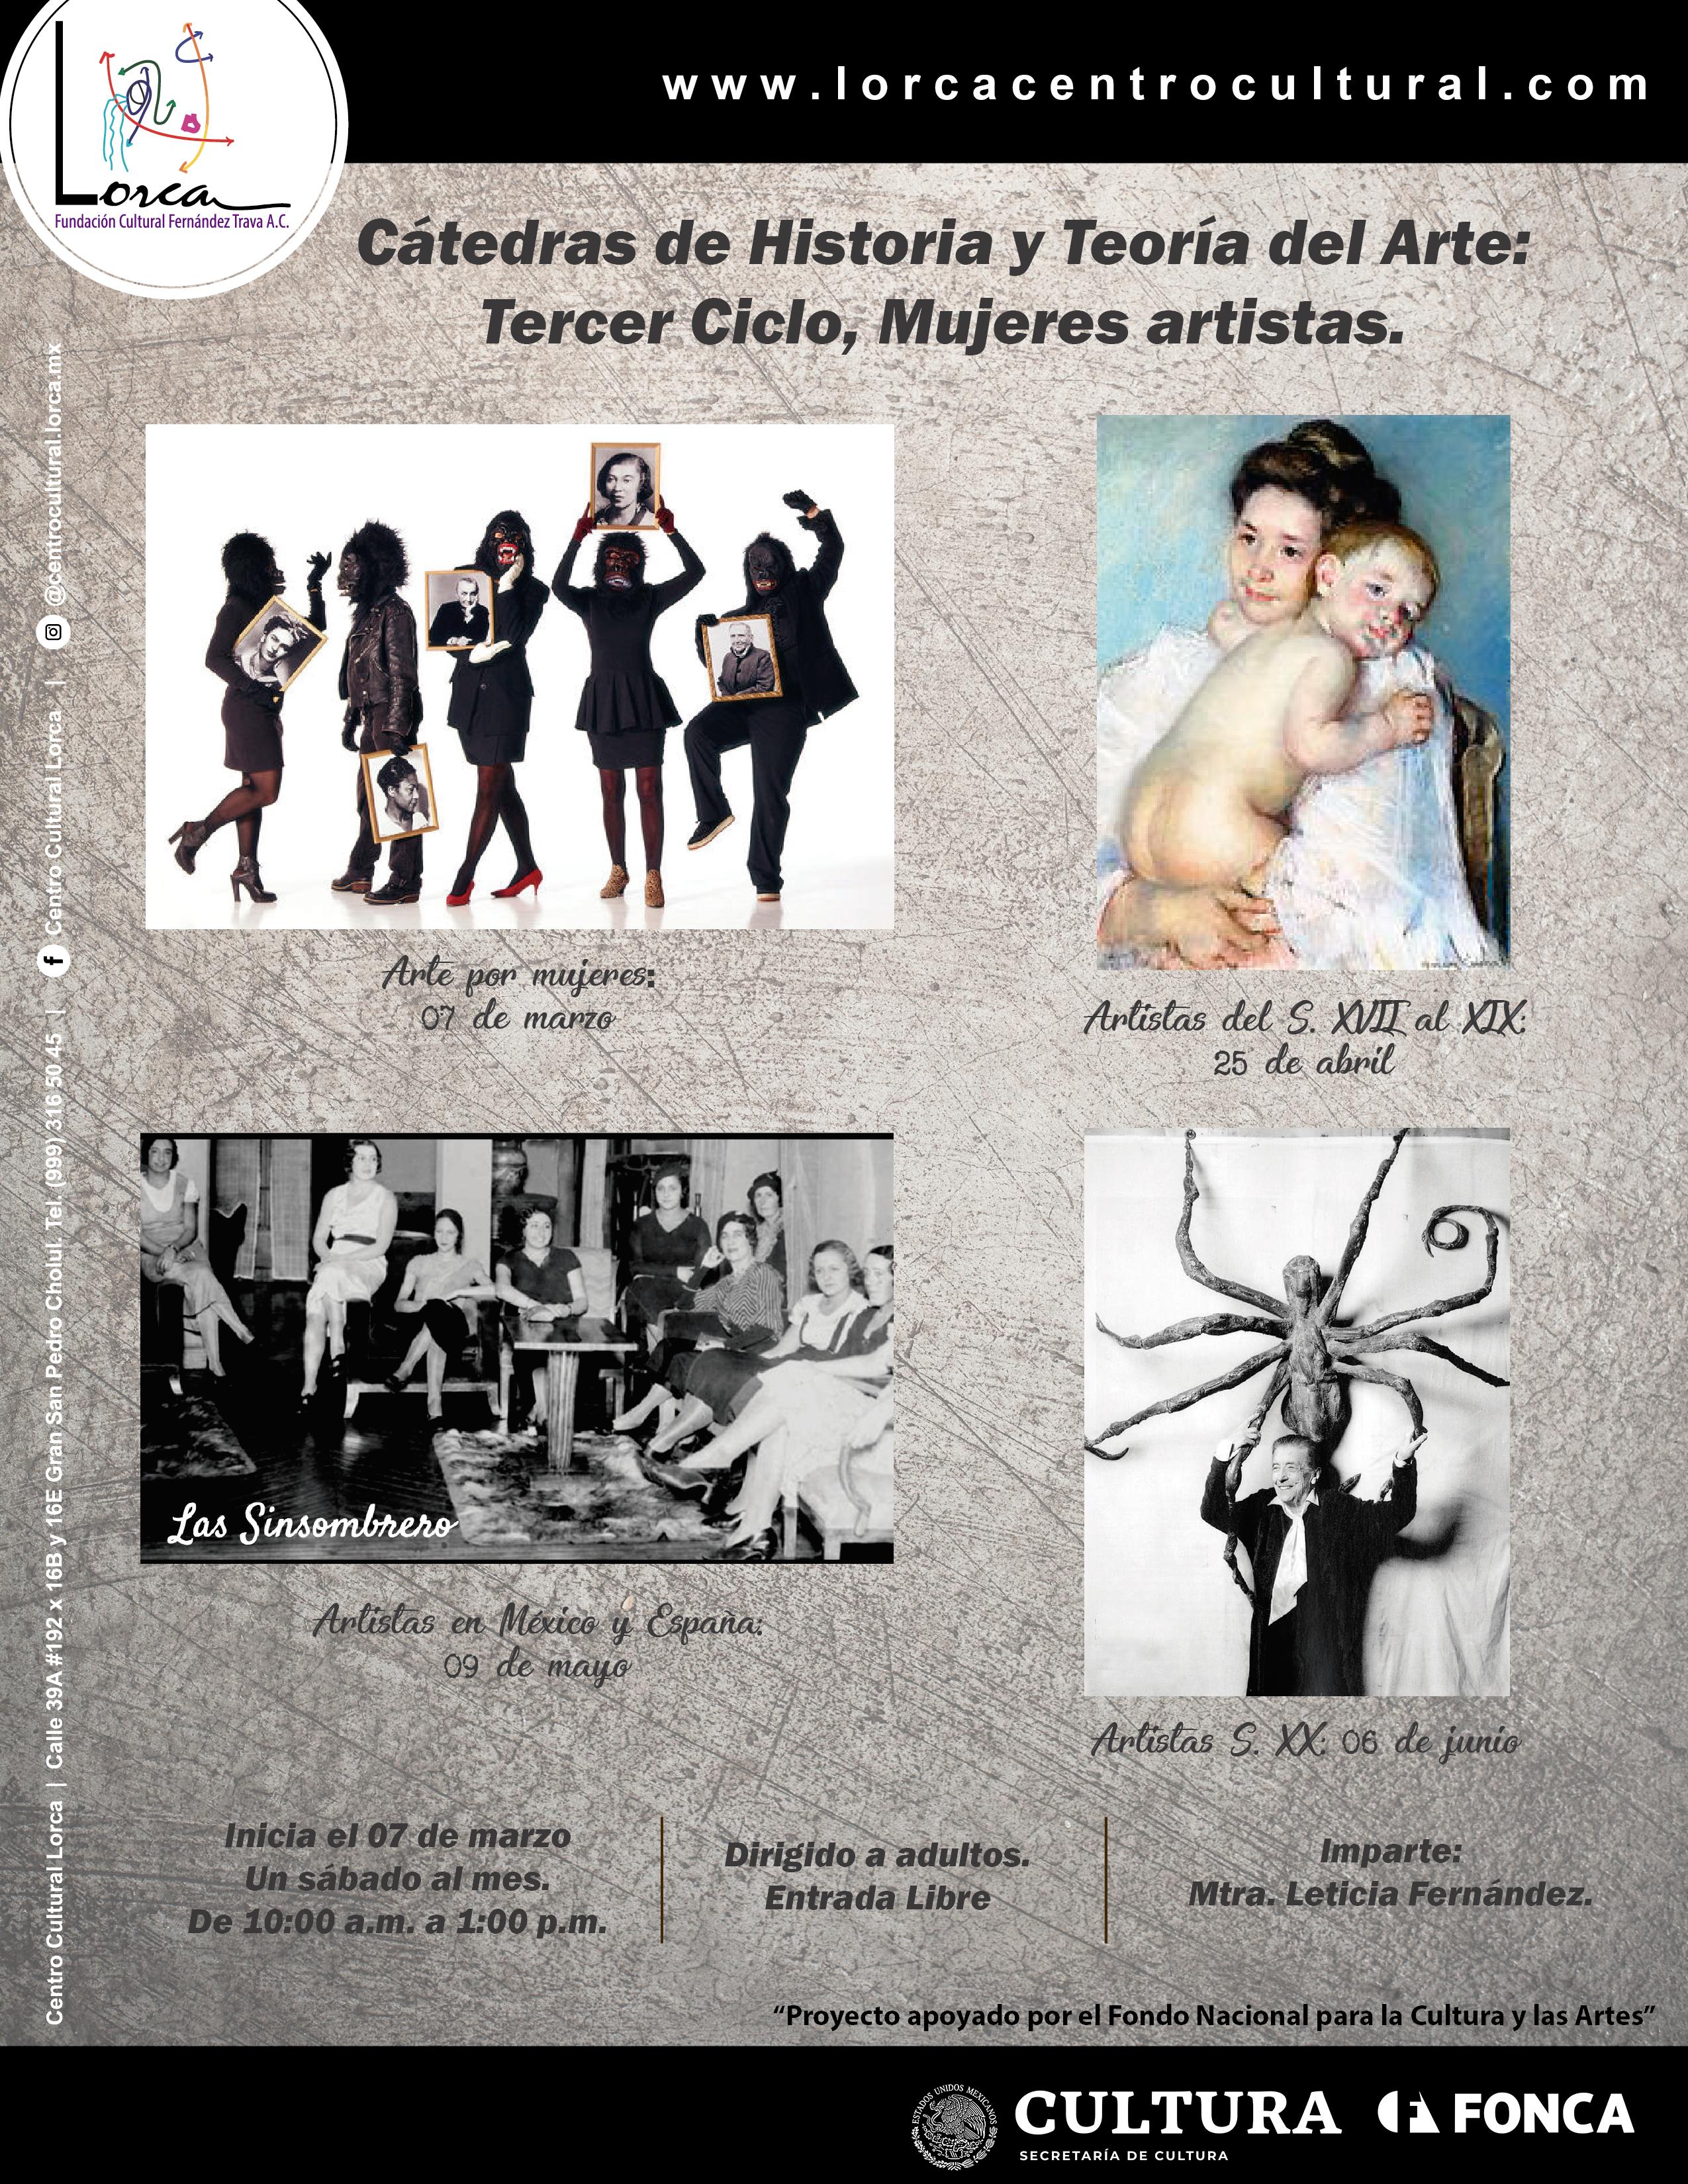 Cátedras_Arte_TercerCiclo_Lorca_Fonca